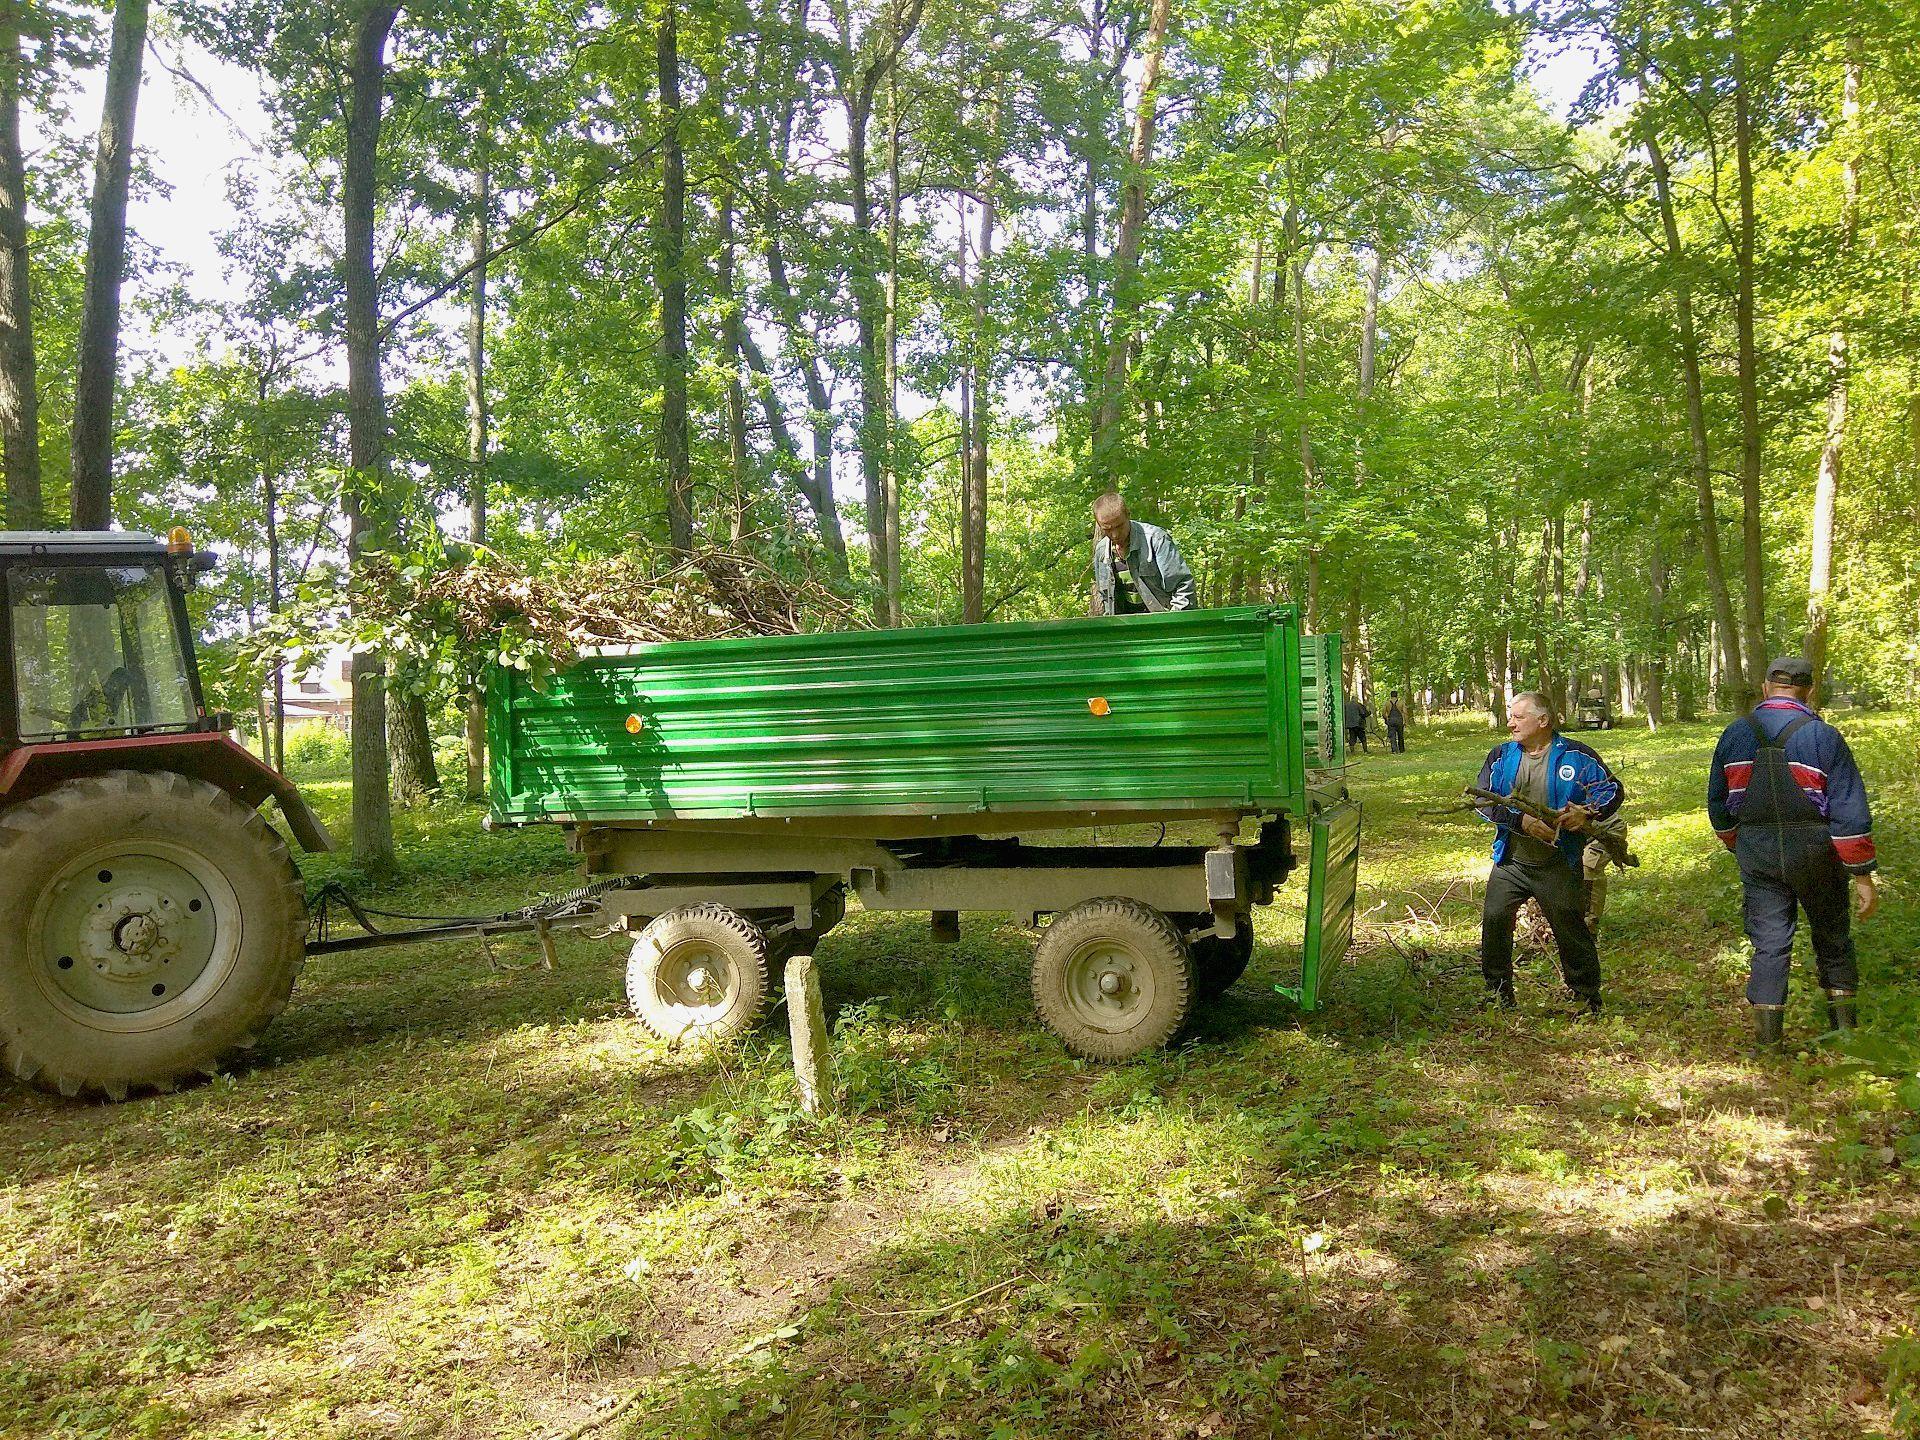 Darbininkai renka parke numestas šiukšles, nukritusias medžių šakas ir šakeles. Viskas kraunama į traktorių ir bus išvežta./ Dimitrijaus Kuprijanovo nuotr.